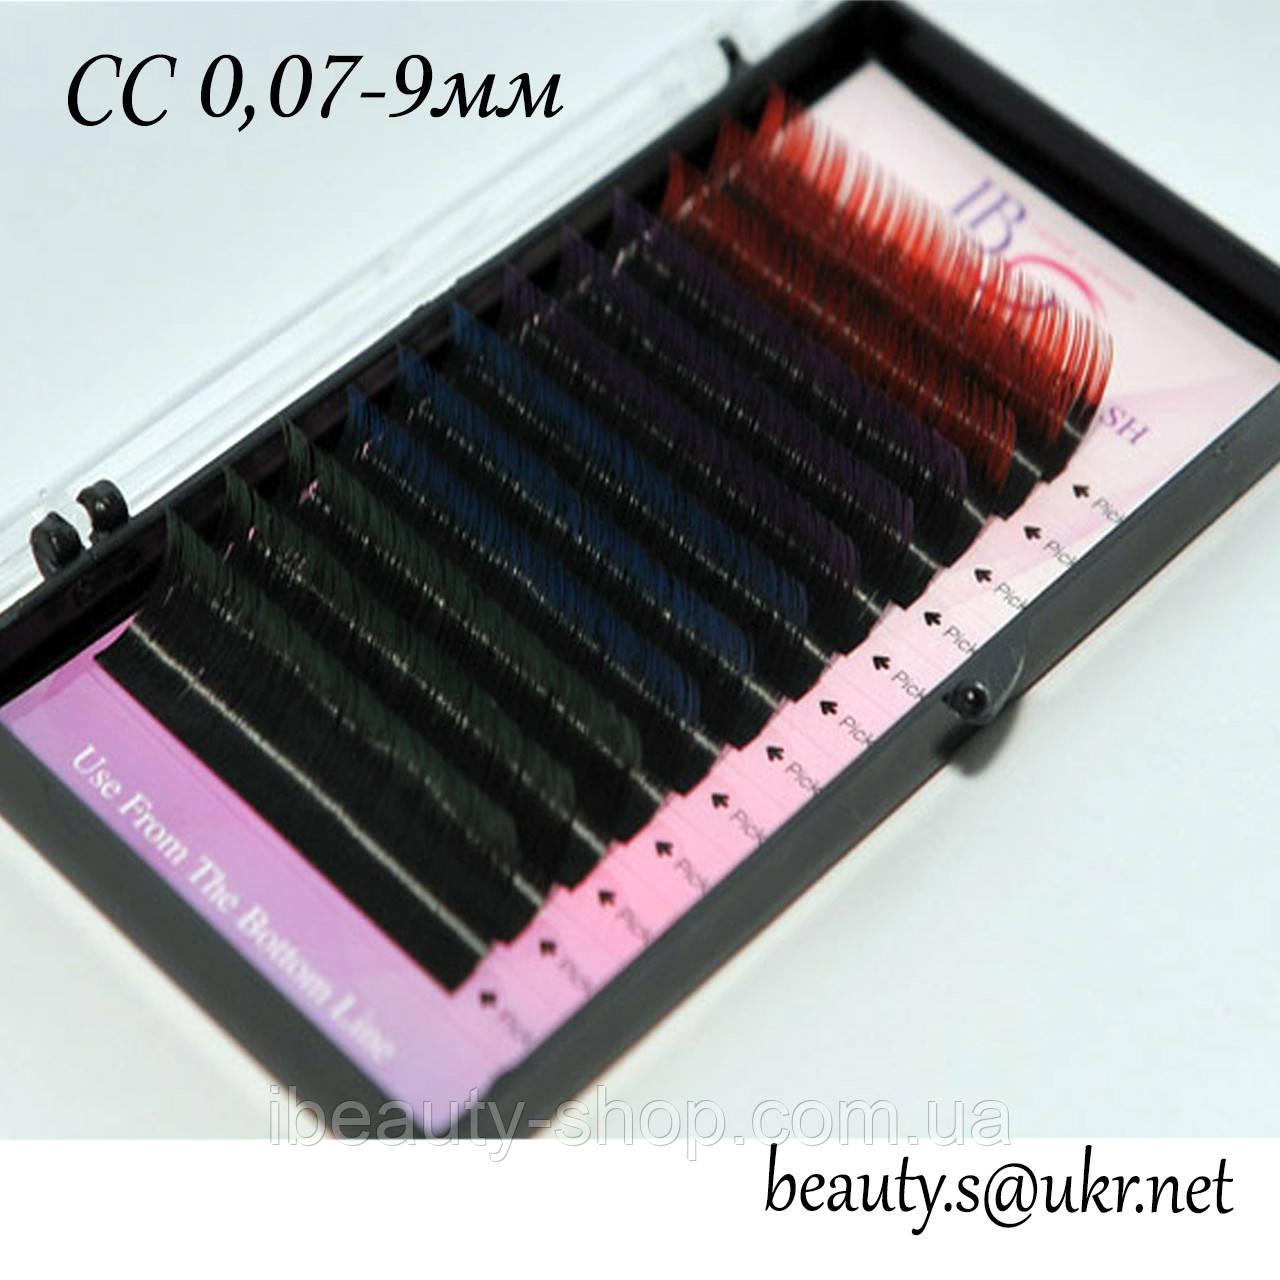 Вії I-Beauty, CC 0,07-9мм,кольорові кінці,4 кольори